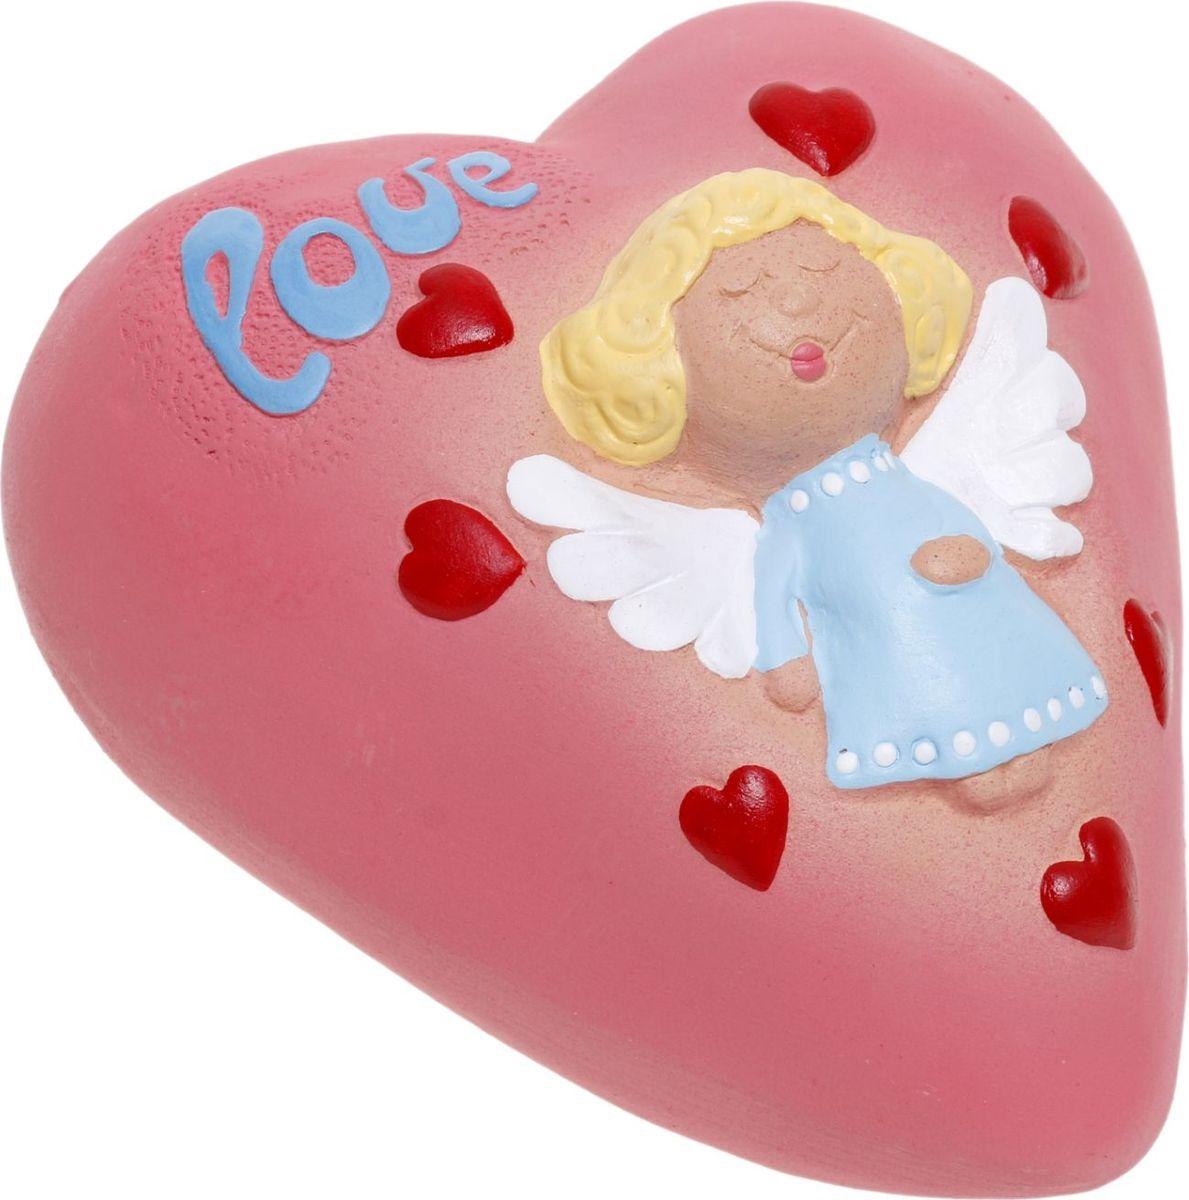 Копилка Сердце с ангелом, 16 х 13 х 10 см1059439Копилка — универсальный вариант подарка любому человеку, ведь каждый из нас мечтает о какой-то дорогостоящей вещи и откладывает или собирается откладывать деньги на её приобретение. Вместительная копилка станет прекрасным хранителем сбережений и украшением интерьера. Она выглядит так ярко и эффектно, что проходя мимо, обязательно захочется забросить пару монет.Копилка является многоразовой, что позволит вам воспользоваться накопленными деньгами в любой момент.